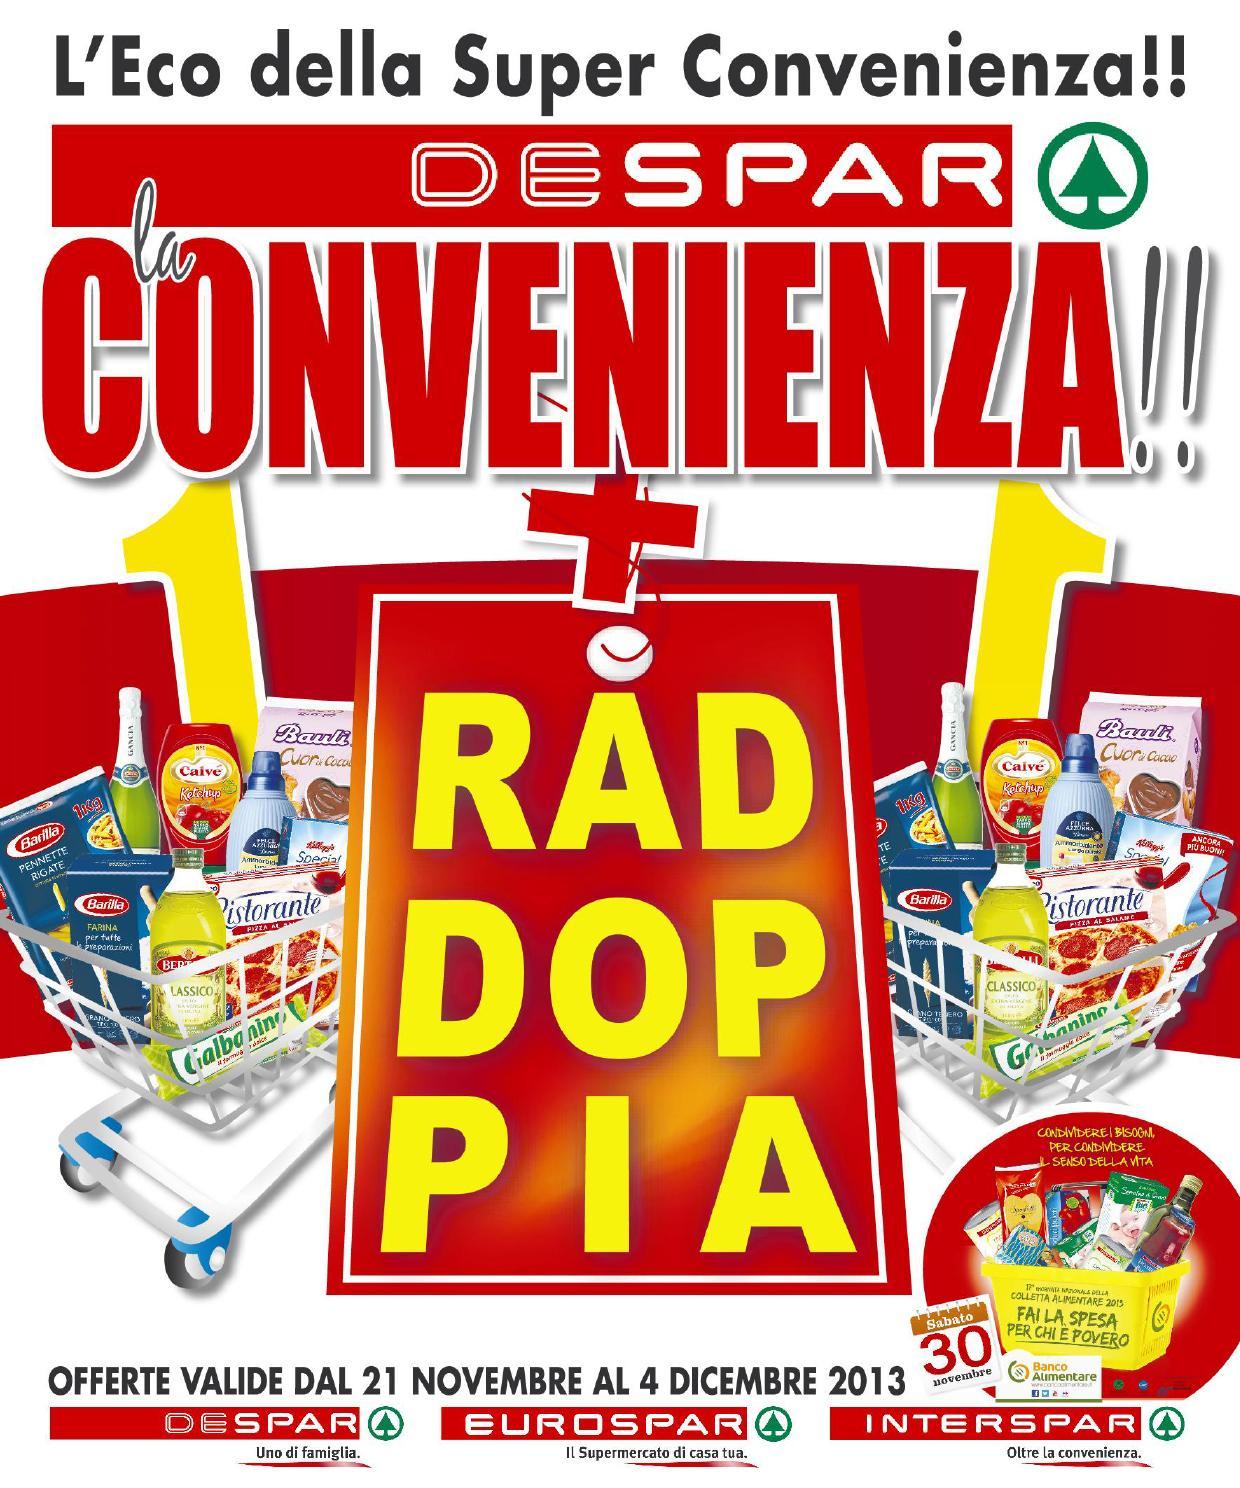 Volantino despar 21 novembre 4 dicembre 2013 by despar for Bernava volantino messina